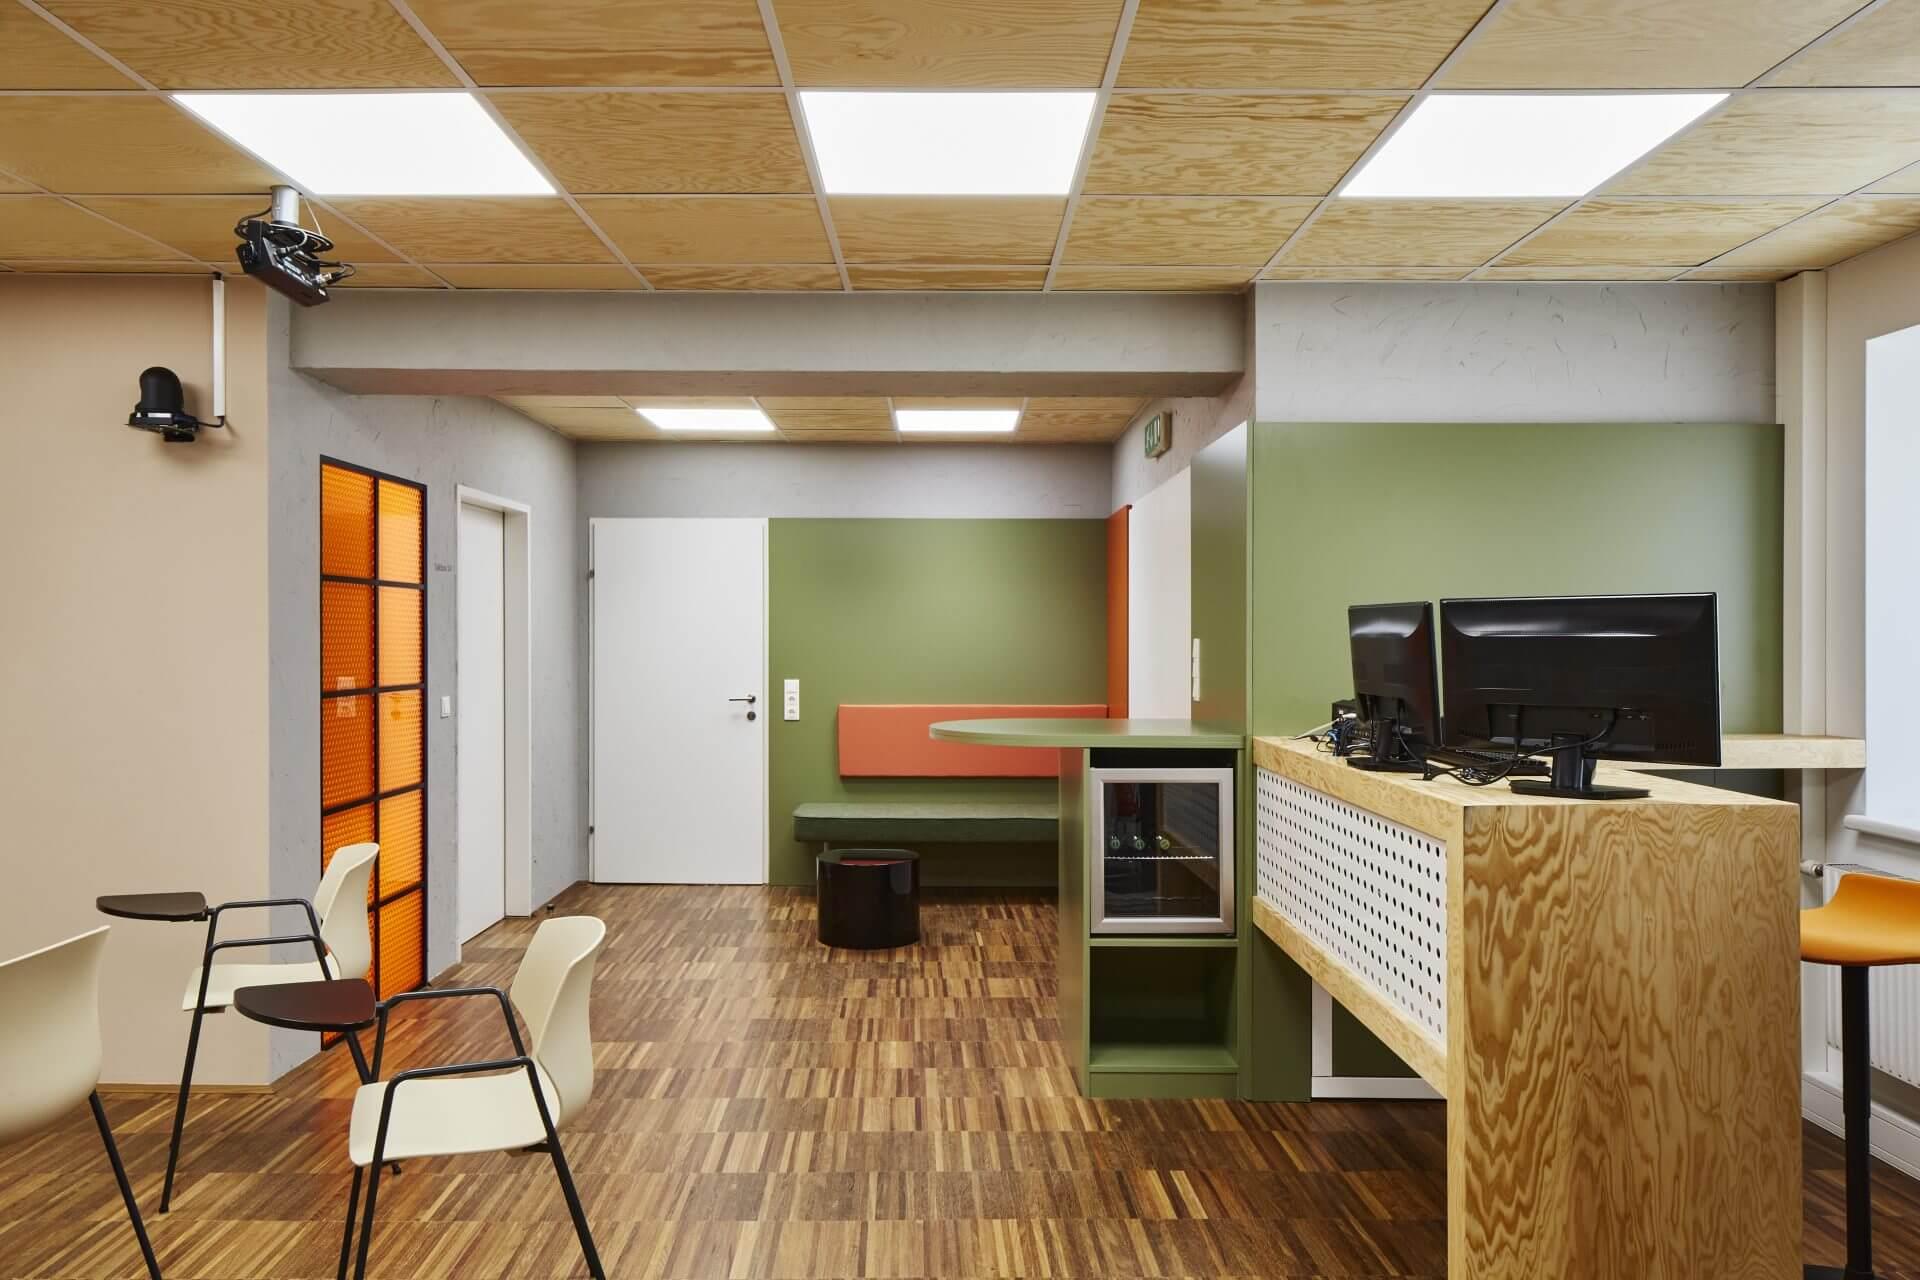 vbc-office-lucy-d_jens-preusse_03